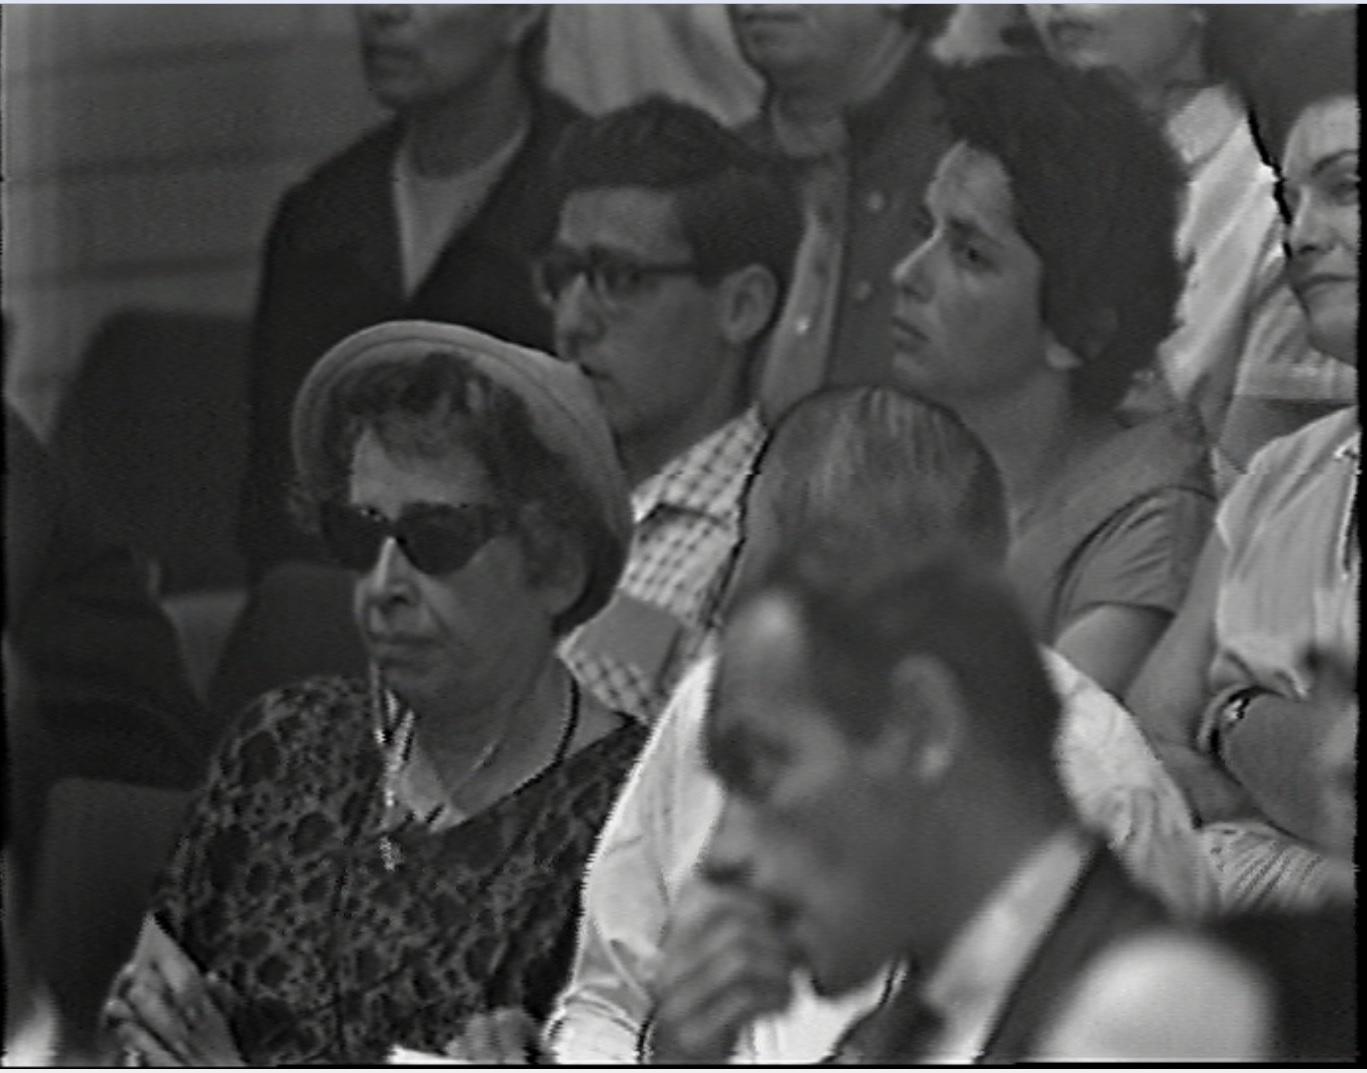 Eichmann trial Hannah Arendt audience